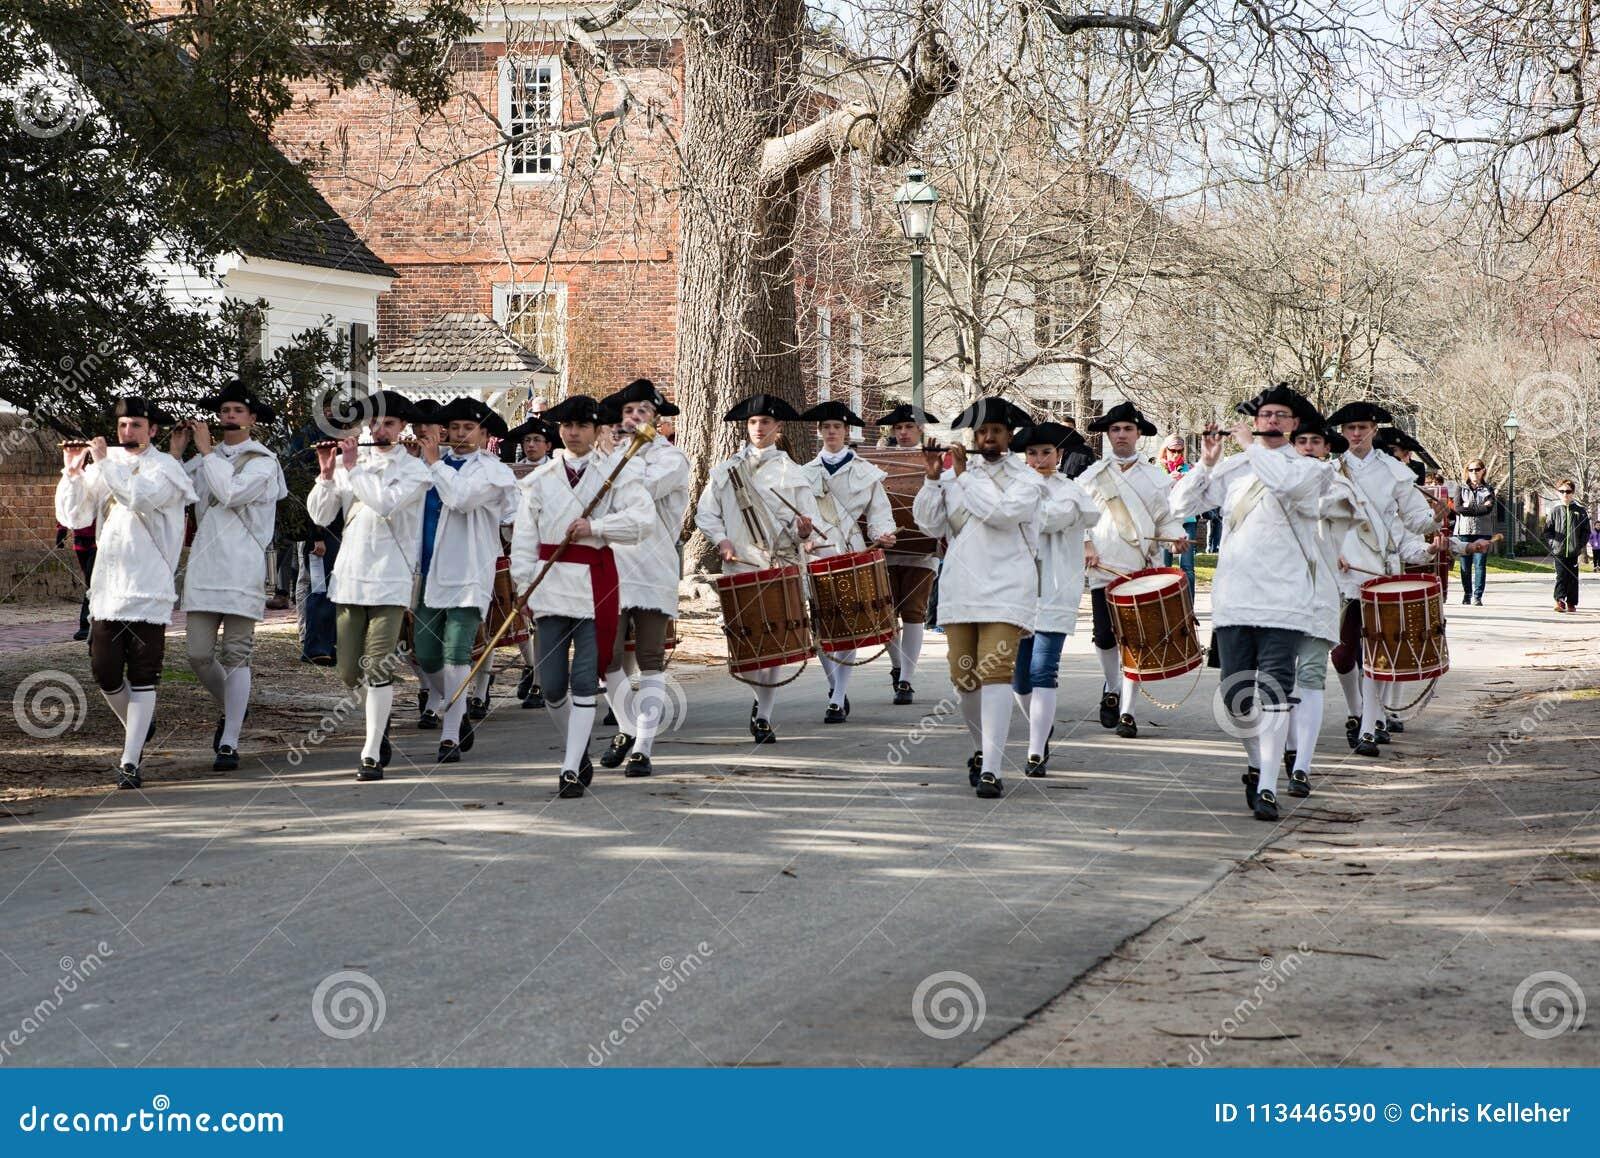 Williamsburg, Virgina - Maart 26, 2018: Het weer invoeren het marcheren band Fife en trommel in Koloniale WIlliamsburg